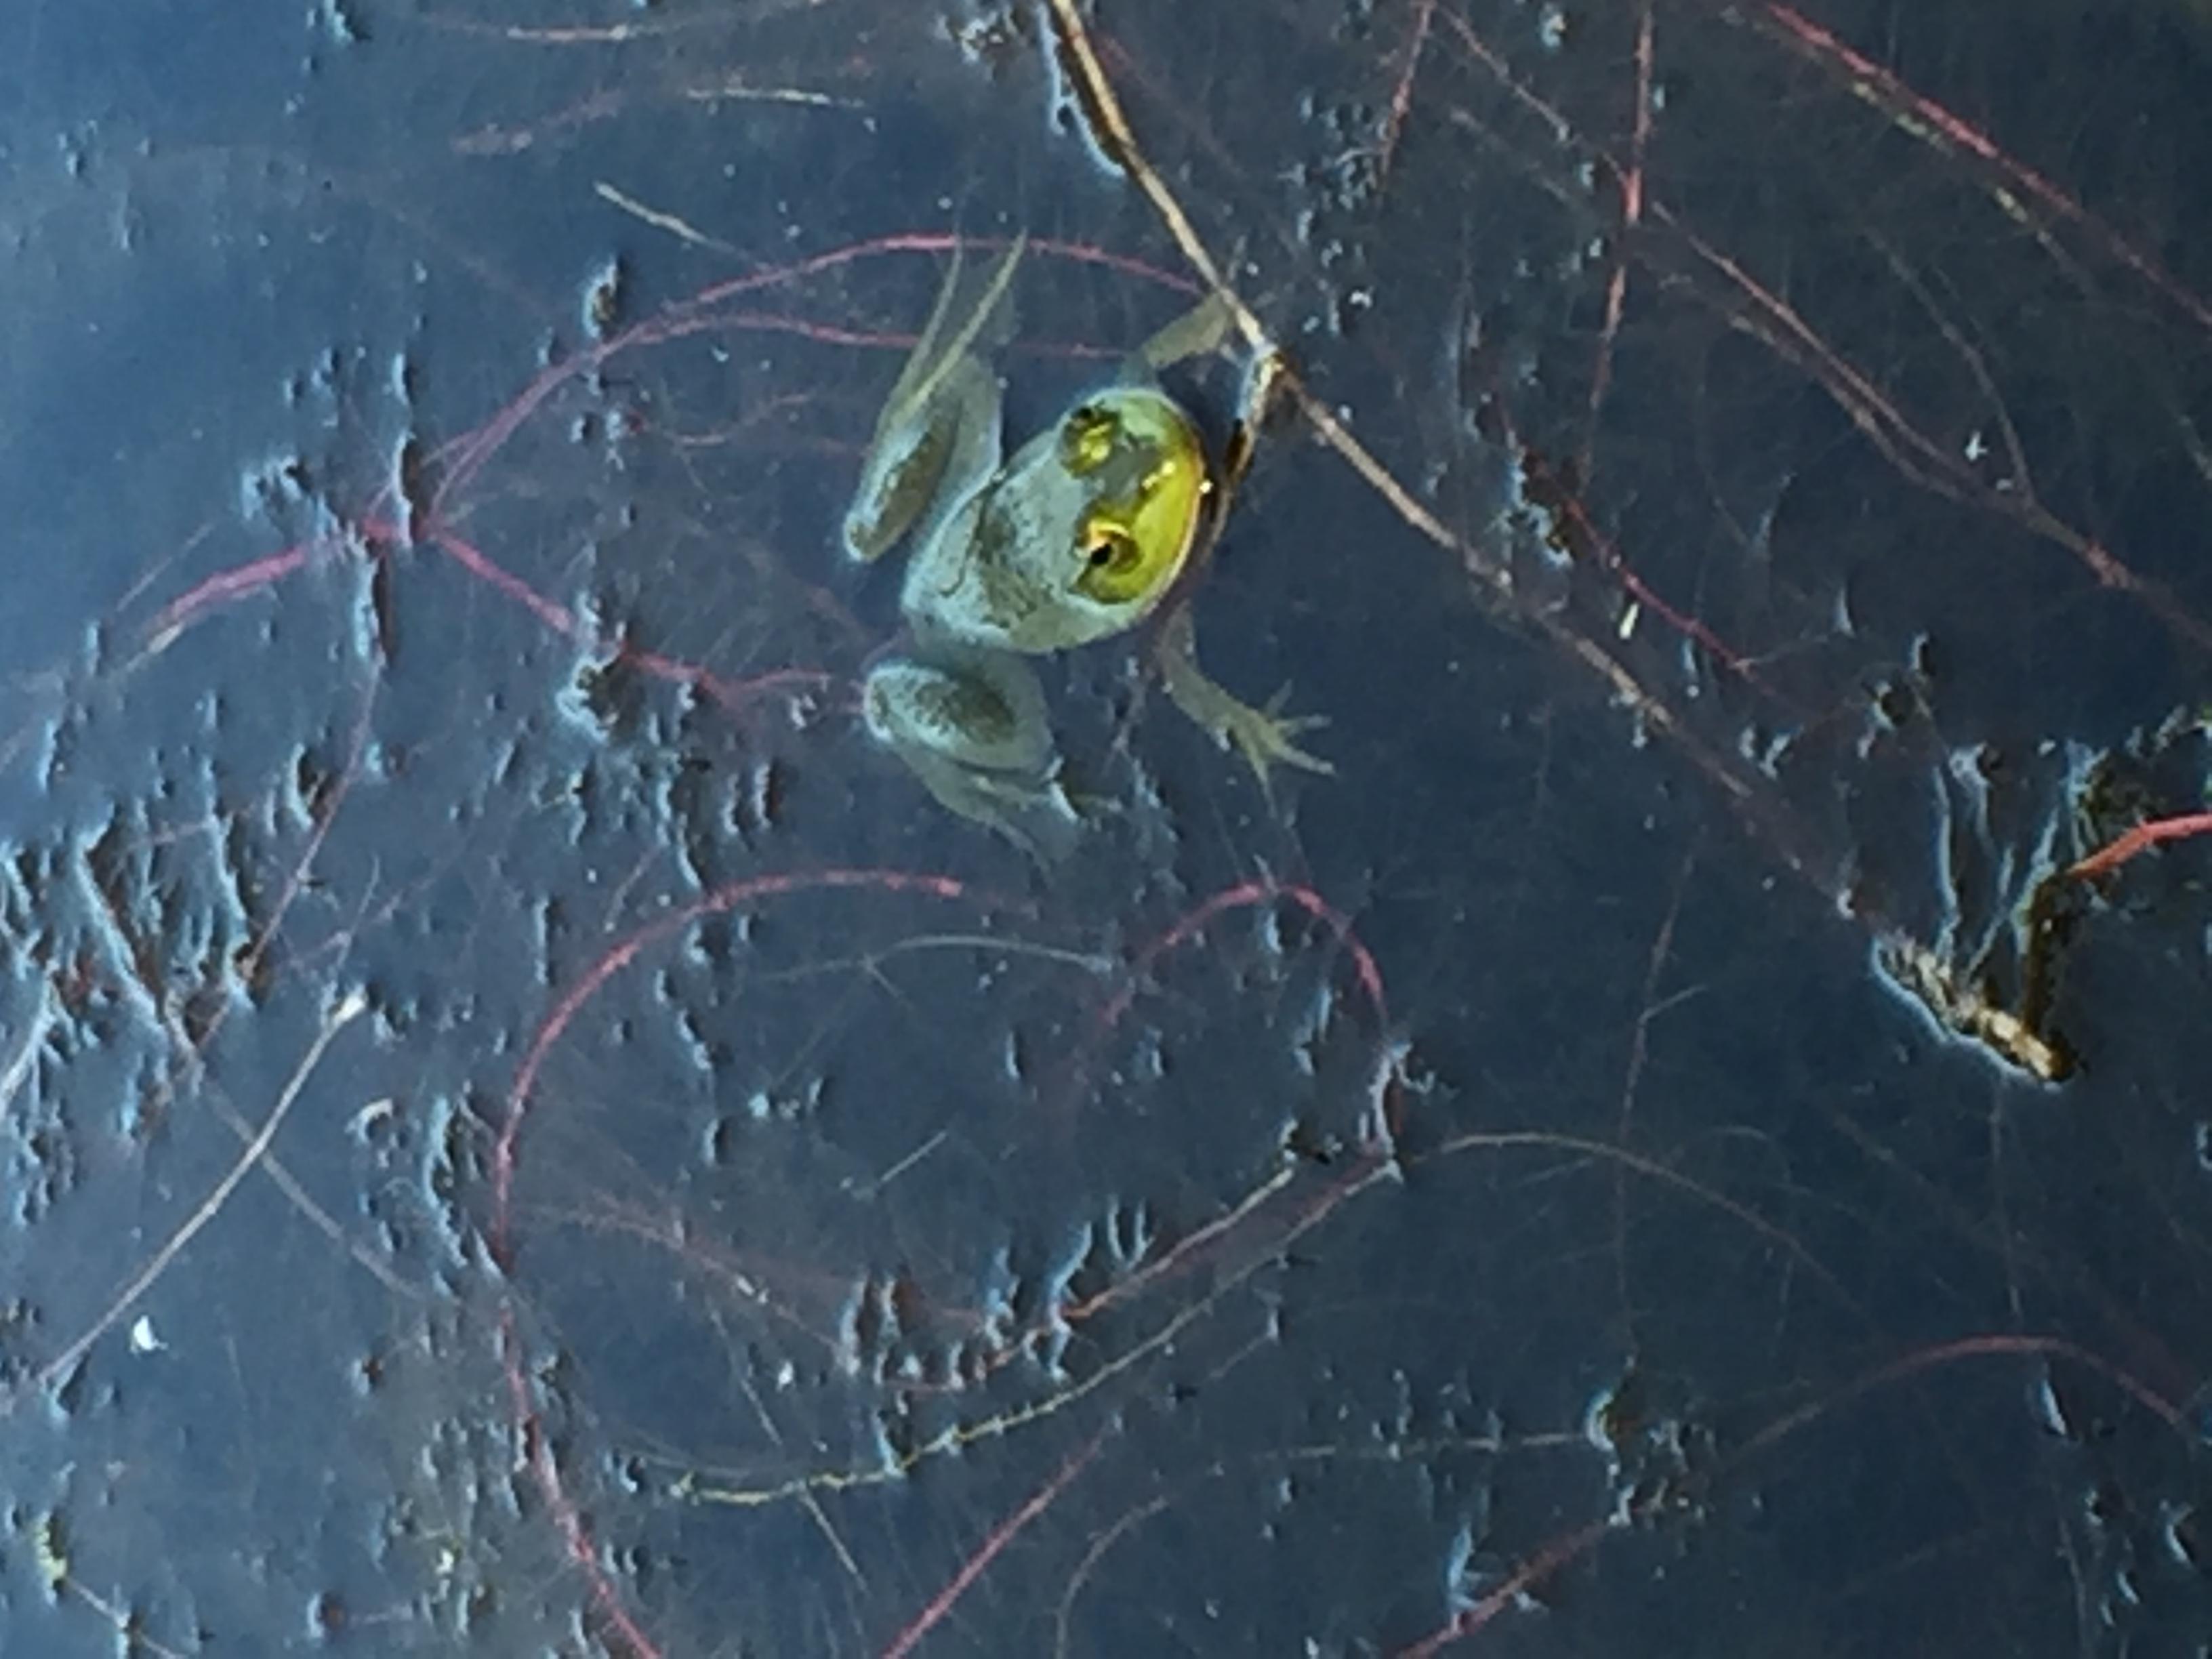 frog-links